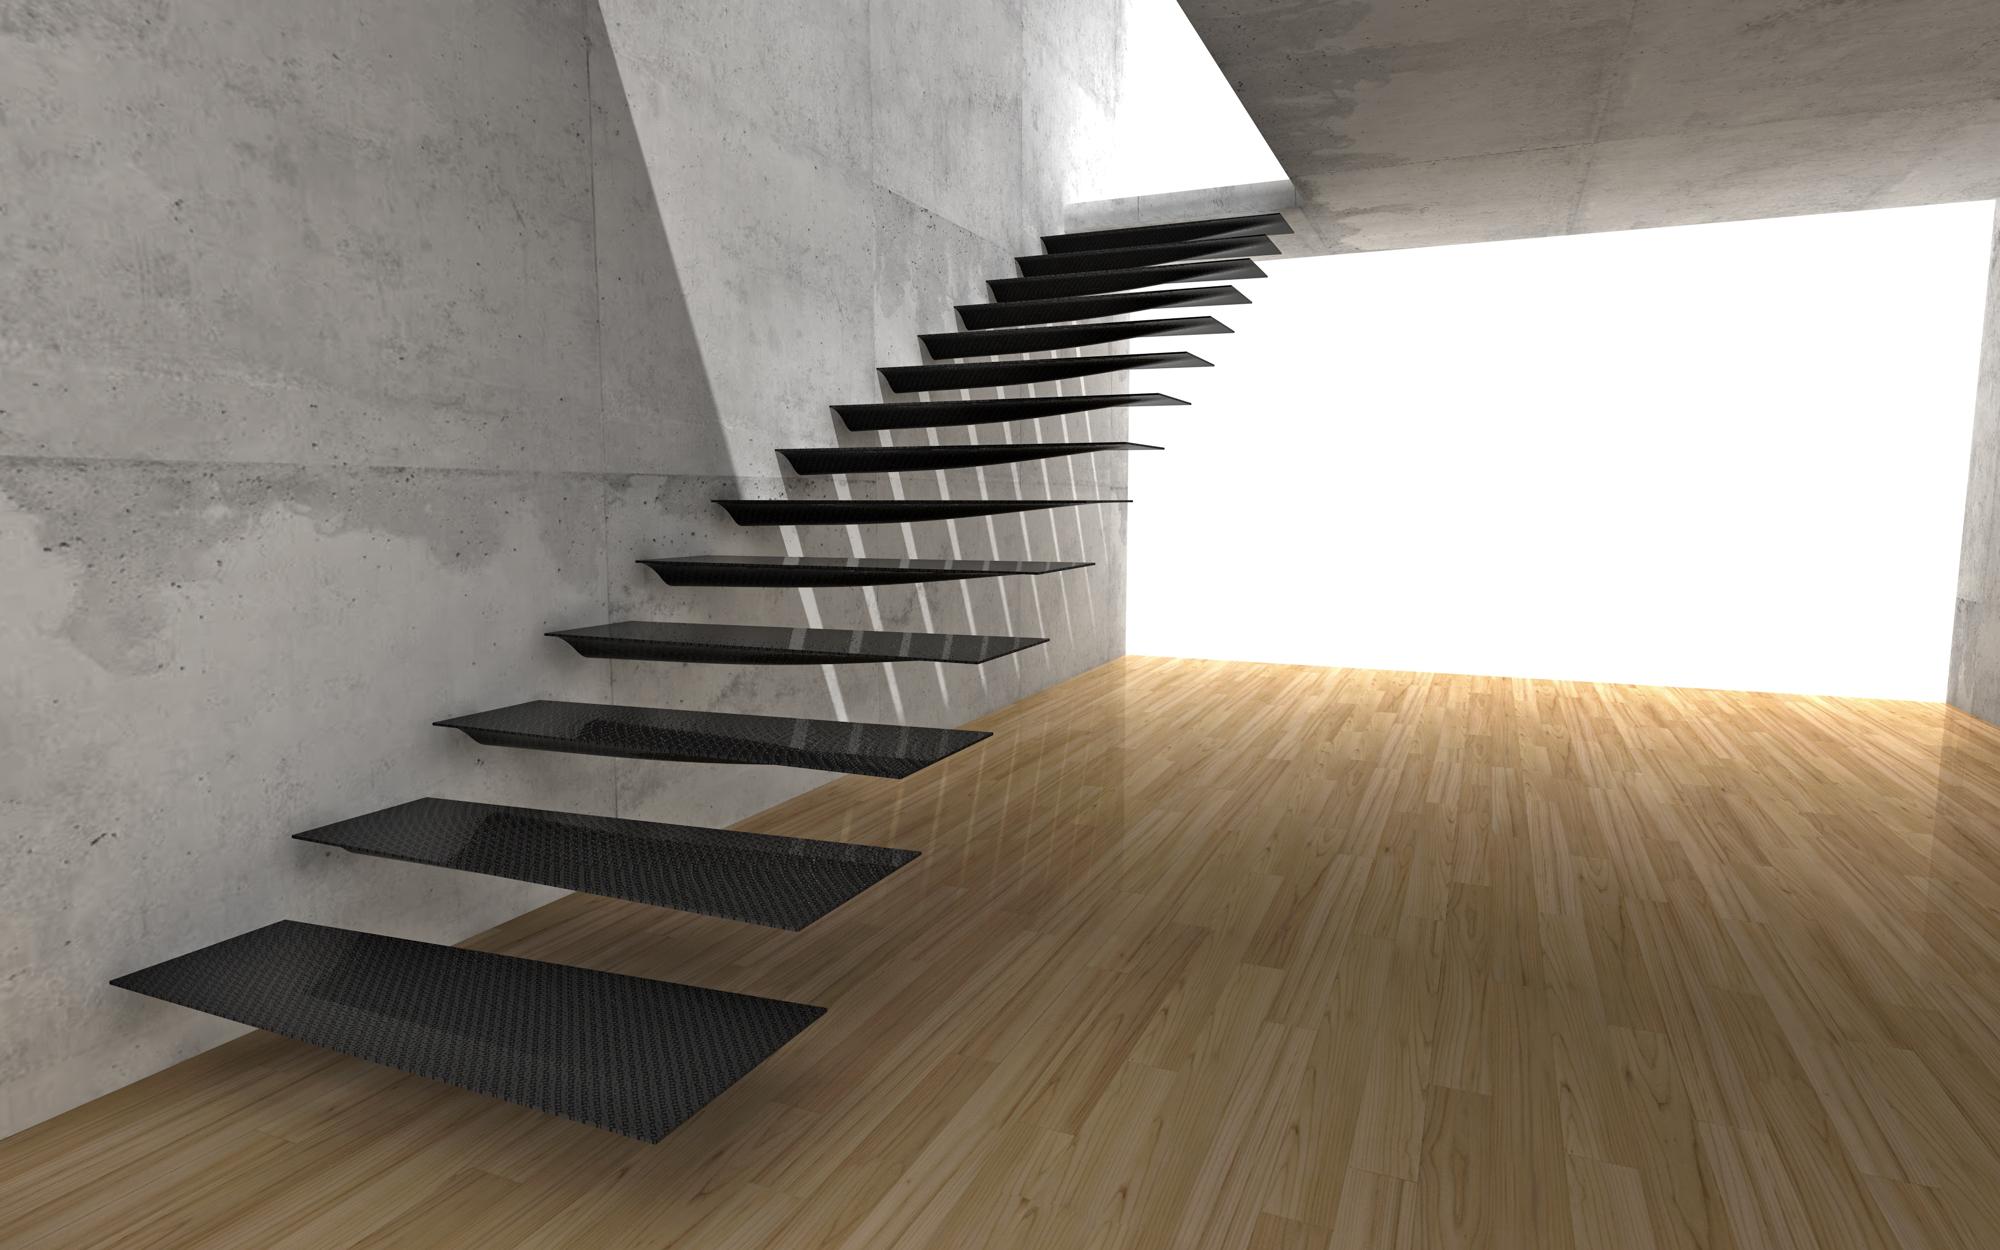 Treppen De Prasentiert Design Treppen